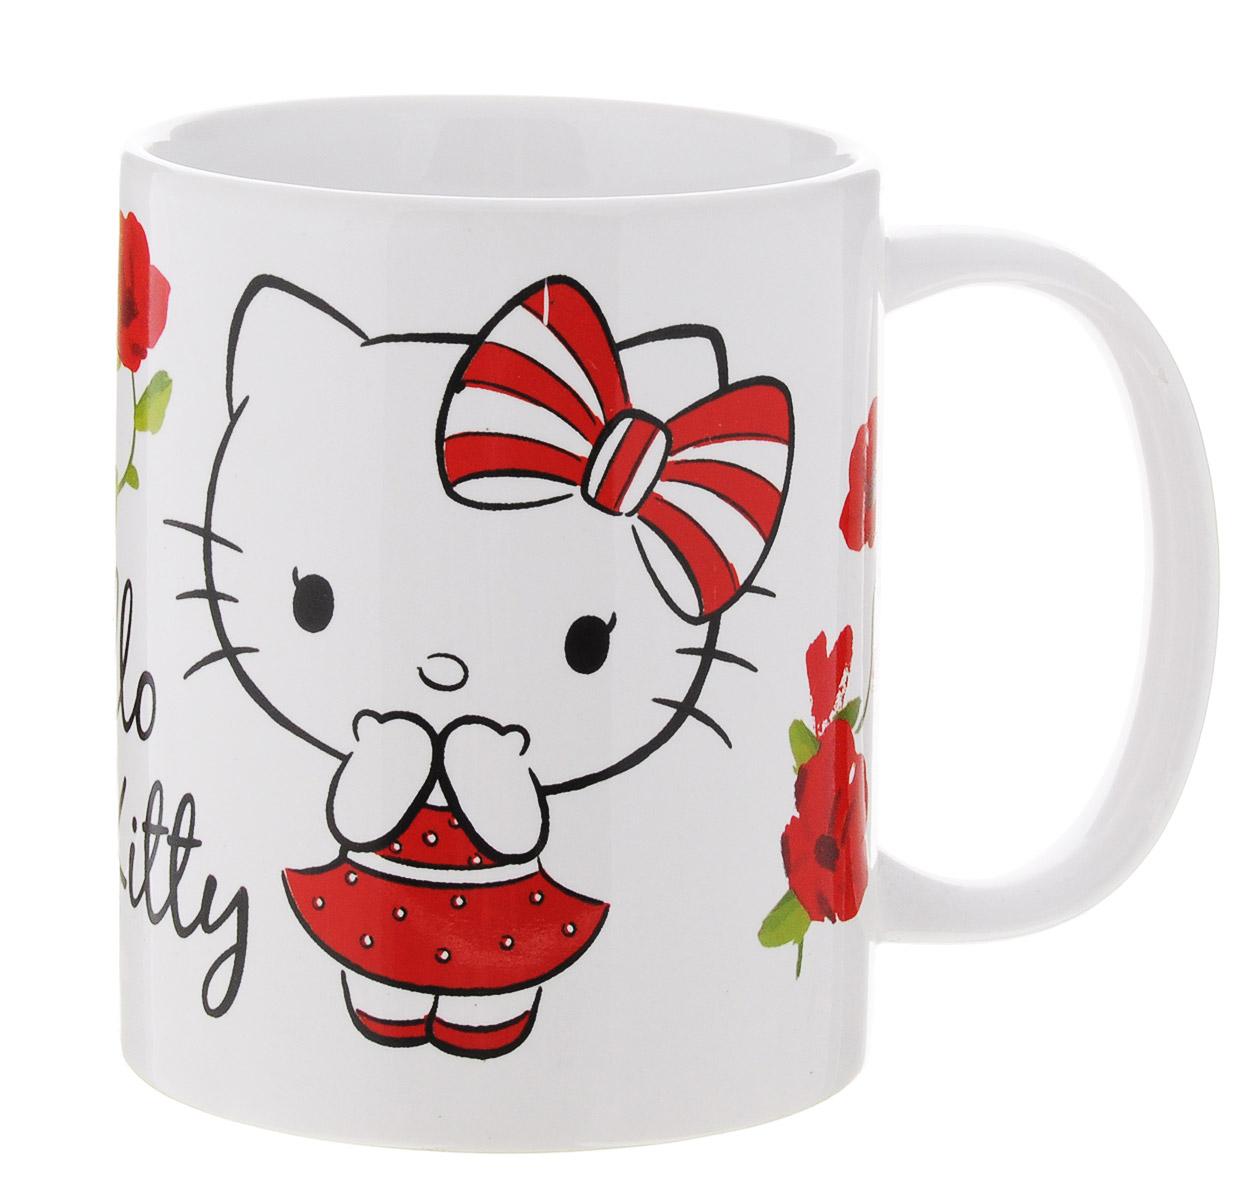 Hello Kitty Кружка детская 330 мл46205Детская кружка Disney Hello Kitty с любимым героем станет отличным подарком для вашего ребенка. Она выполнена из керамики и оформлена изображением симпатичной кошечки Китти. Кружка дополнена удобной ручкой. Такой подарок станет не только приятным, но и практичным сувениром: кружка будет незаменимым атрибутом чаепития, а оригинальное оформление кружки добавит ярких эмоций и хорошего настроения. Можно использовать в СВЧ-печи и посудомоечной машине.